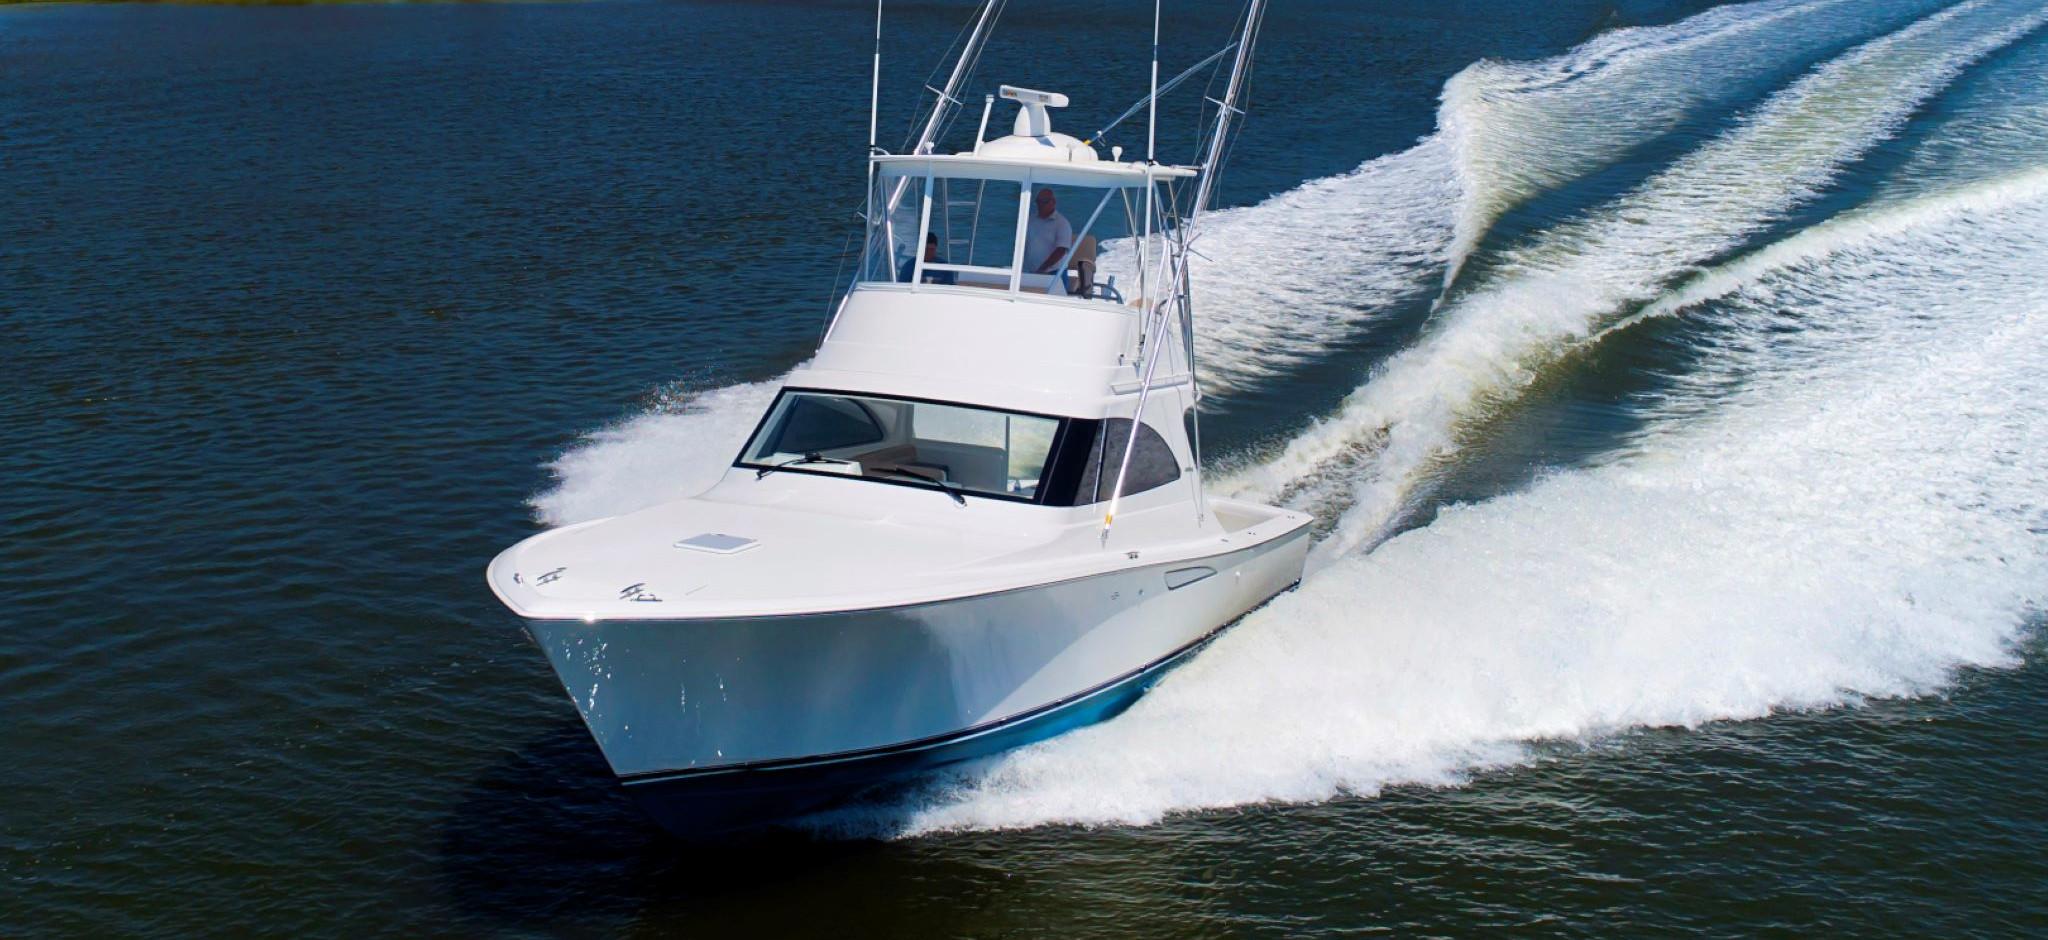 2019 Viking 38 Billfish